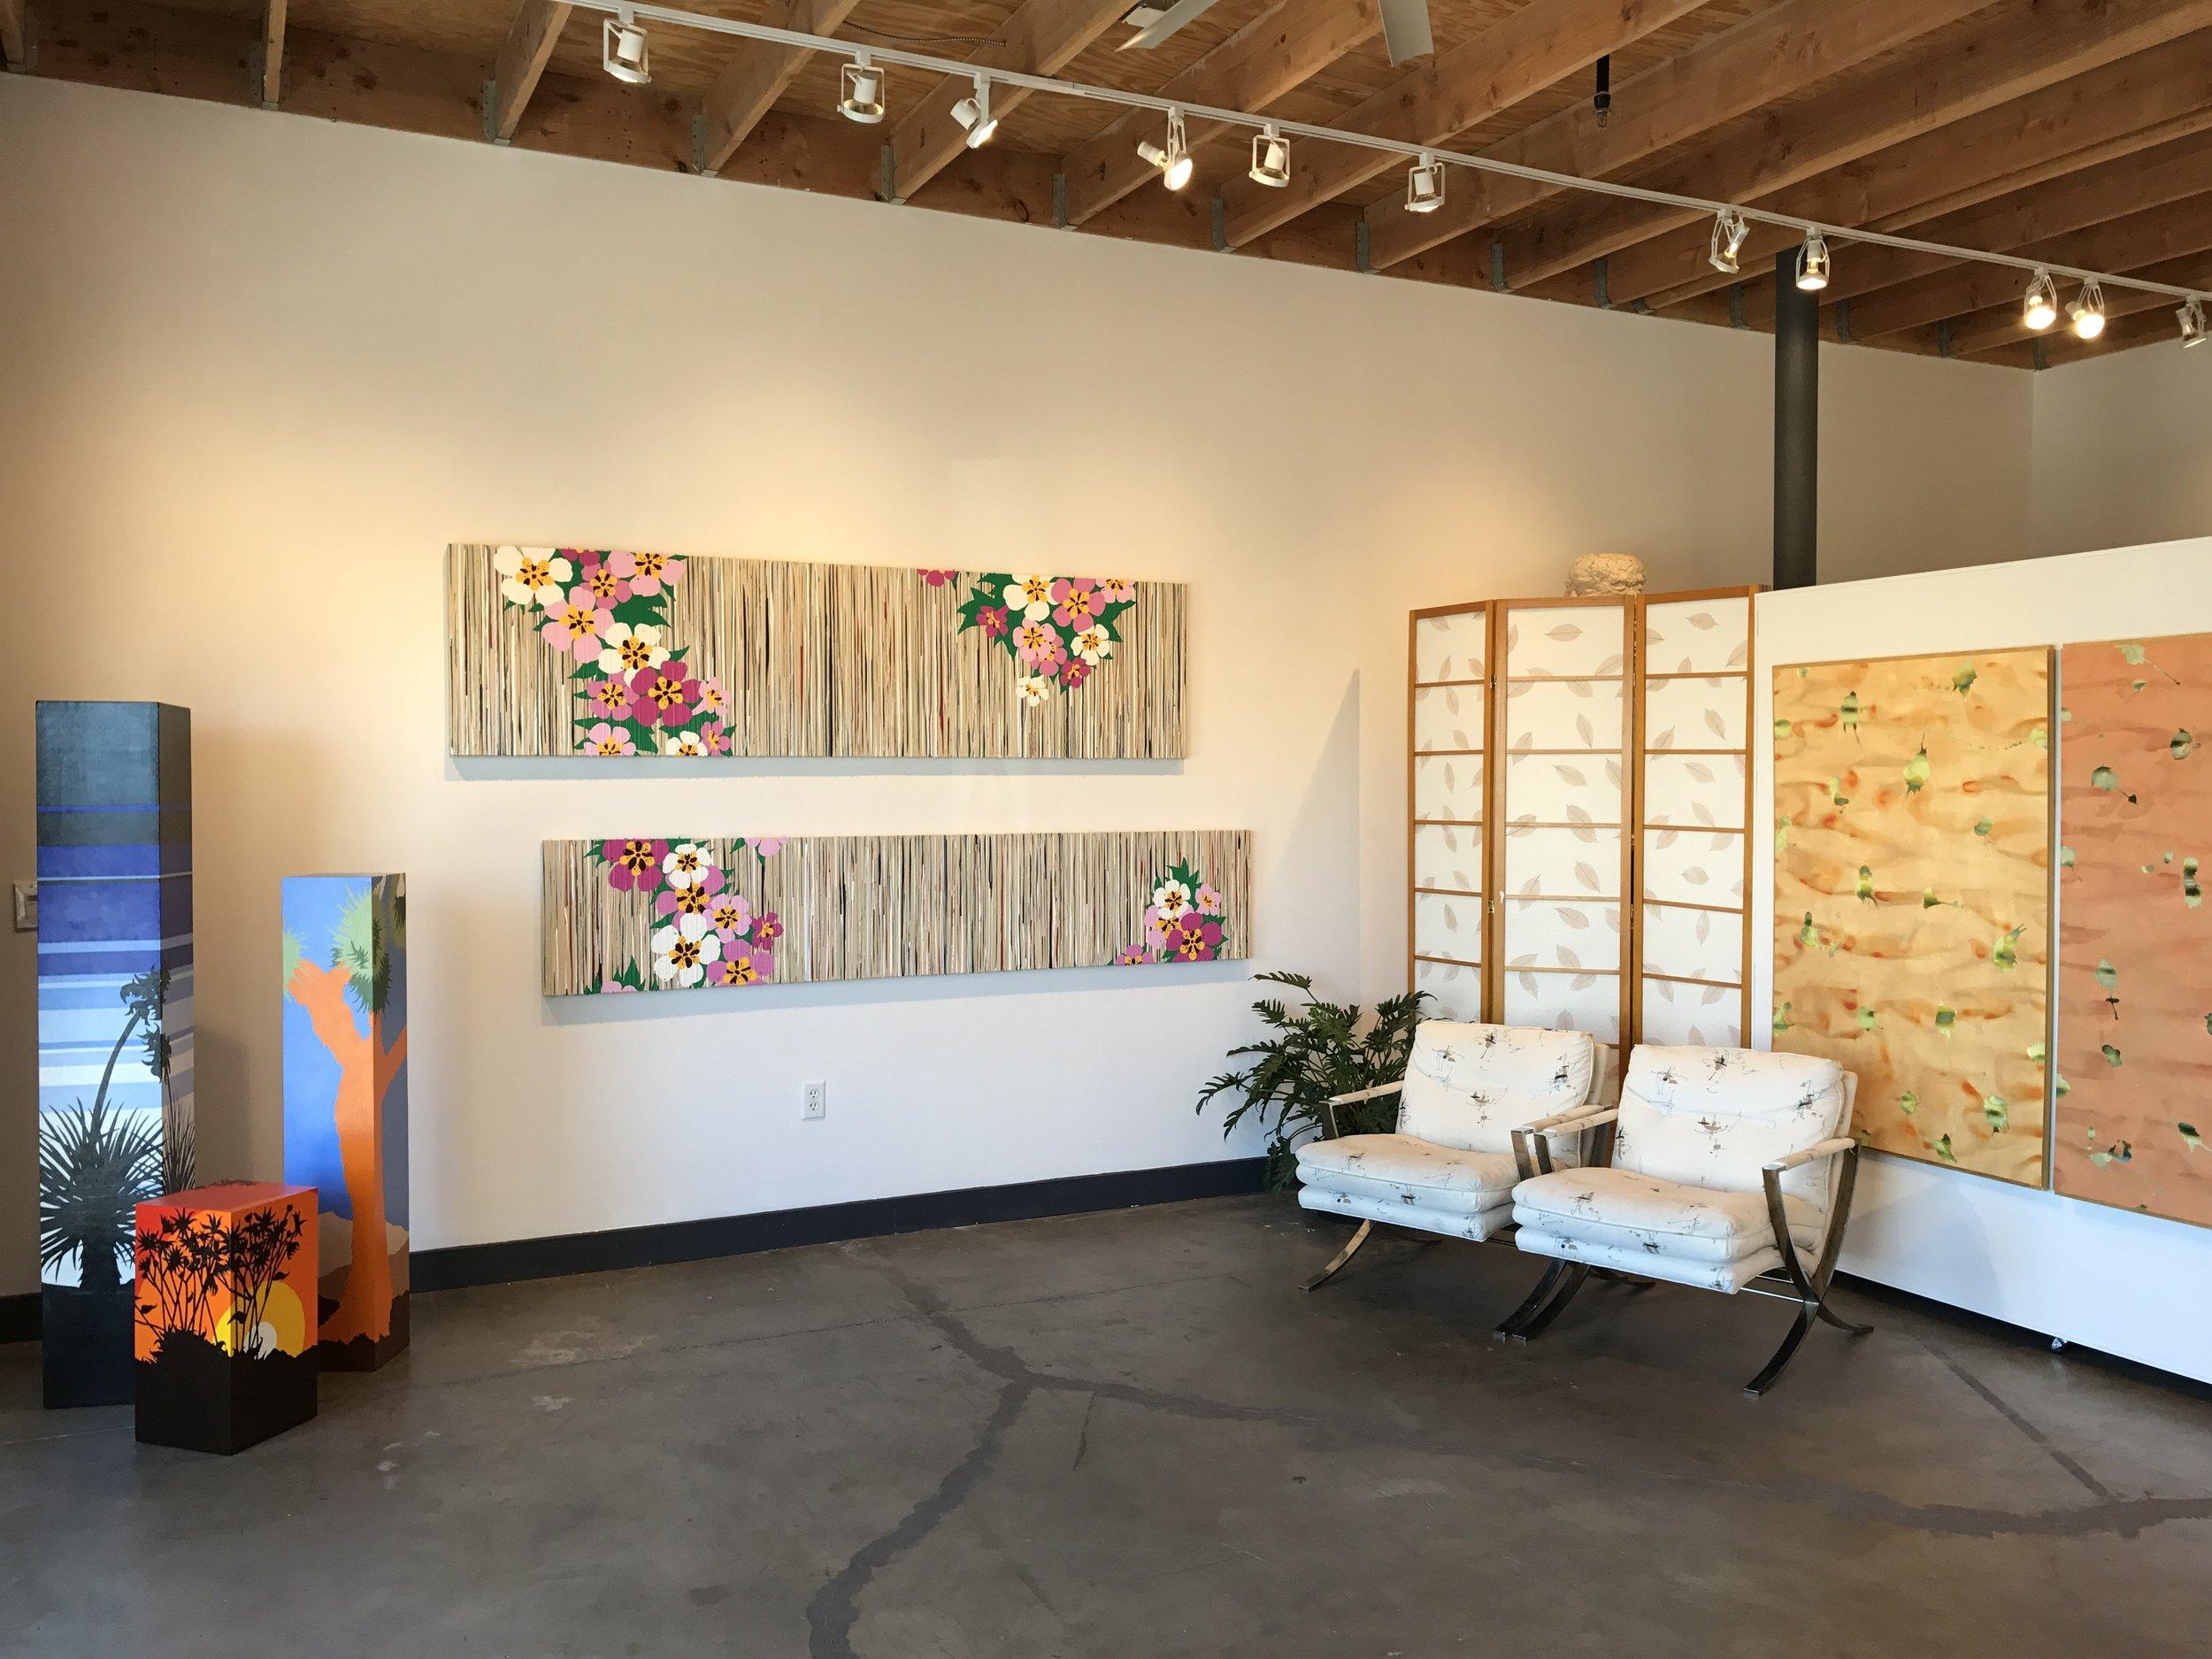 Priscilla Fowler Fine Art Gallery